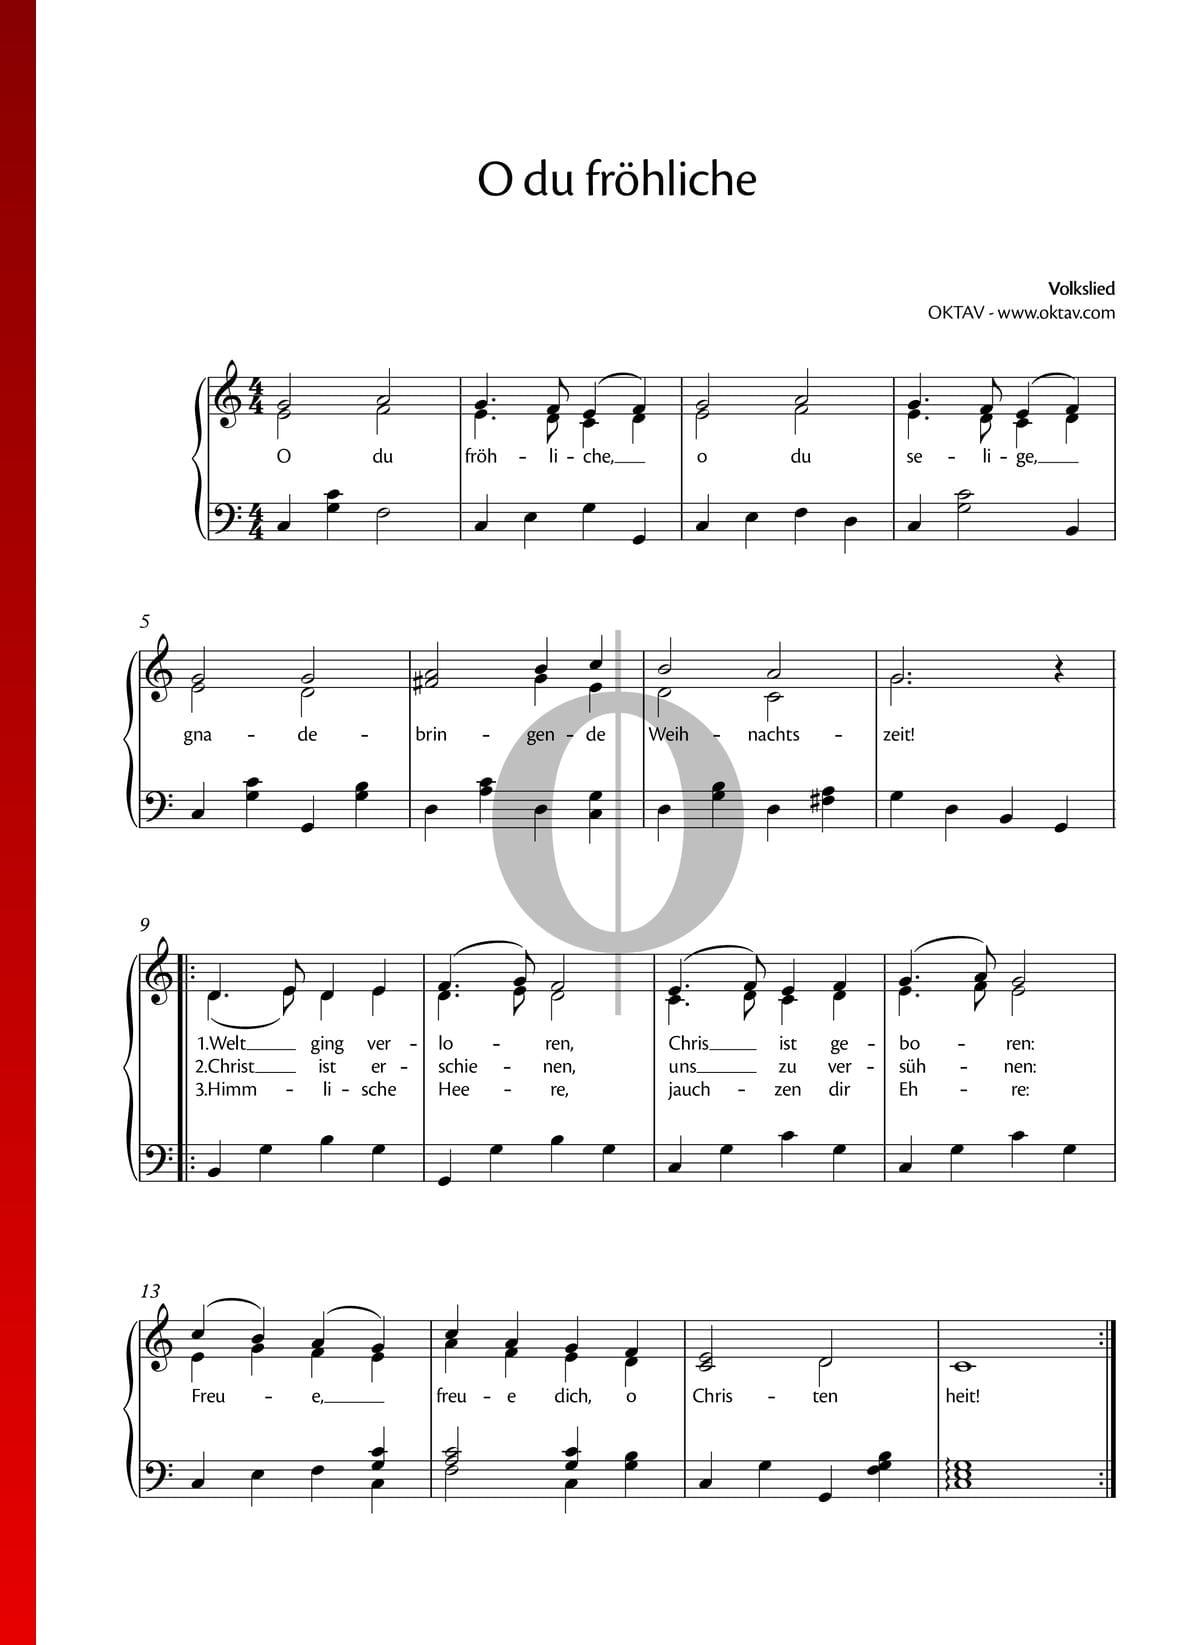 Weihnachtslieder Klavier Pdf.O Du Fröhliche Noten Piano Gesang Pdf Download Streamen